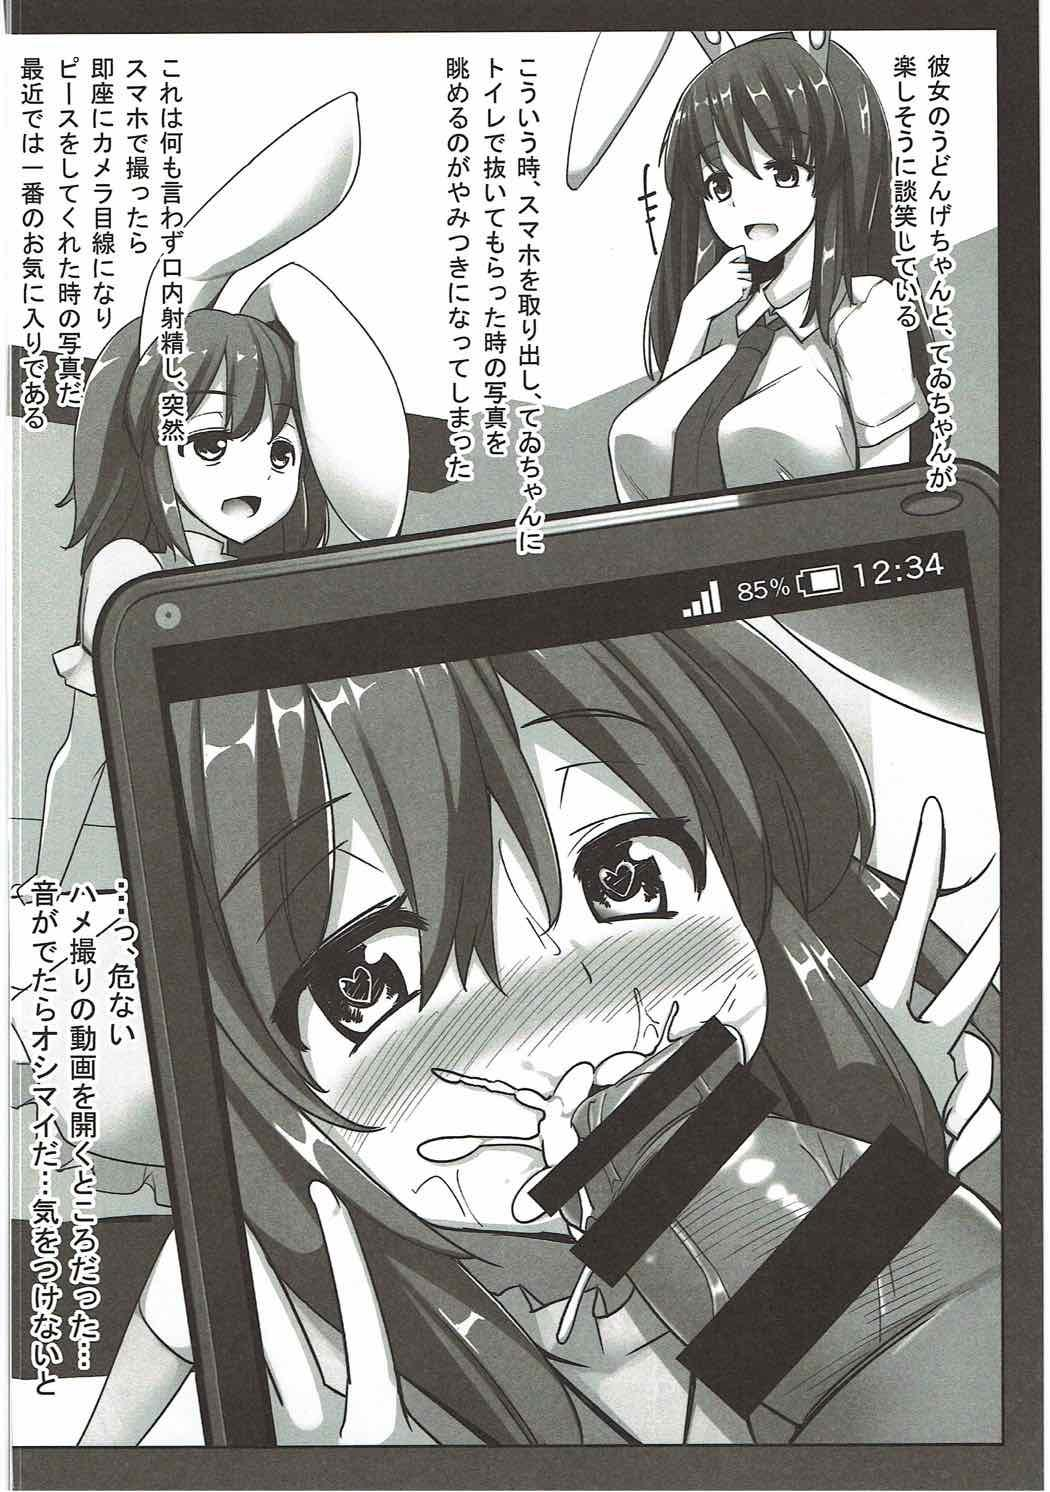 Uwaki Shite Tewi-chan to Sex Shita 86